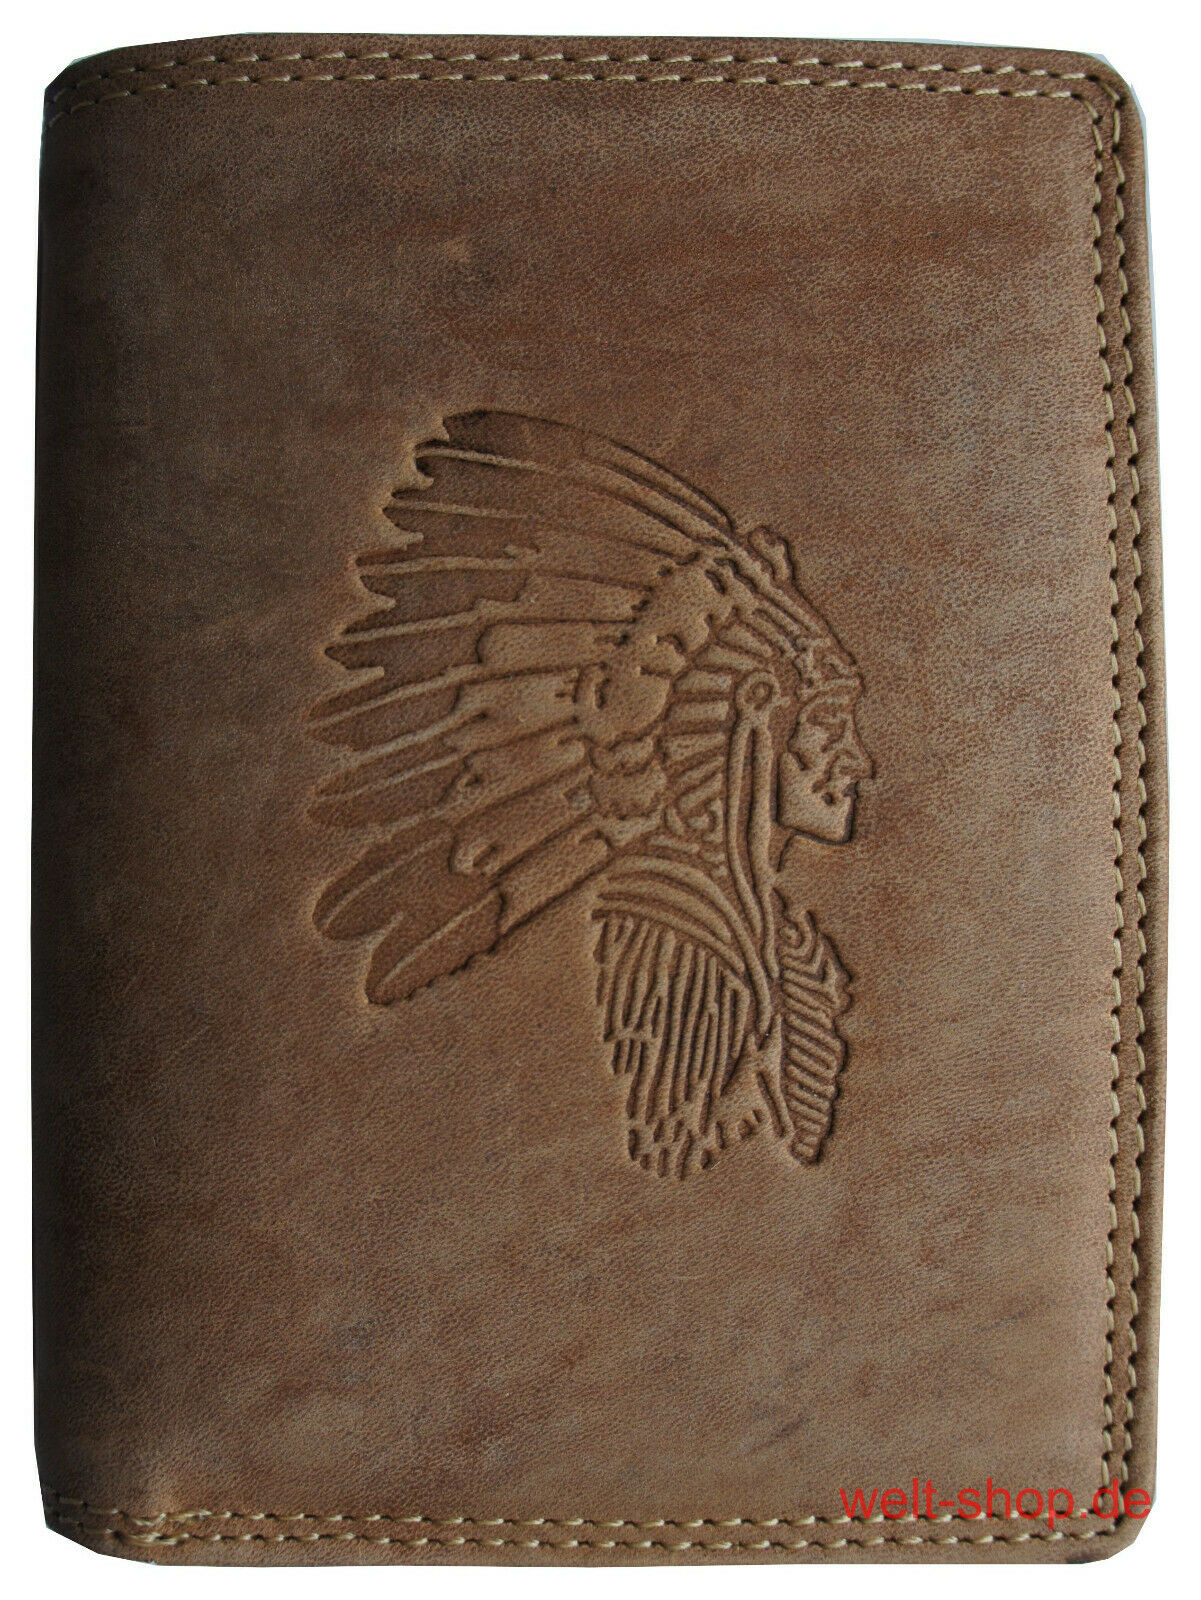 Hochwertige Geldbörse Geldbeutel Portemonnaie Büffel Leder Indianer Börse RFID